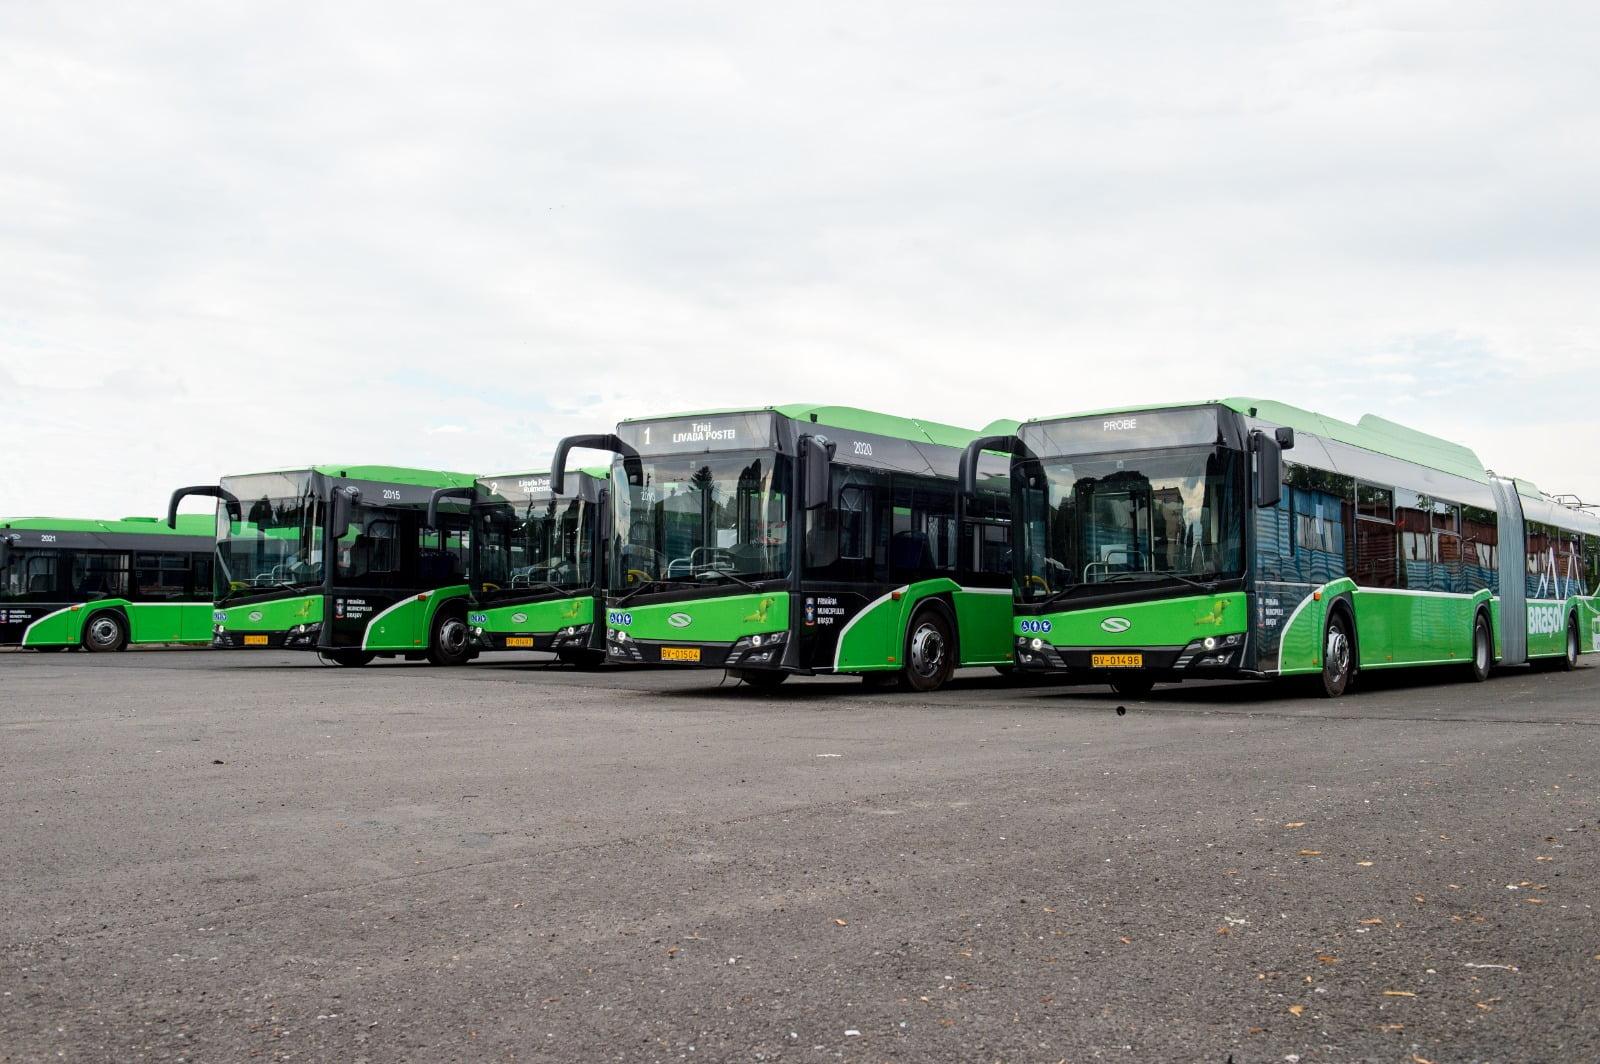 Noile troleibuze Solaris au parcurs 1 milion de kilometri pe străzile Brașovului în mai puțin de un an